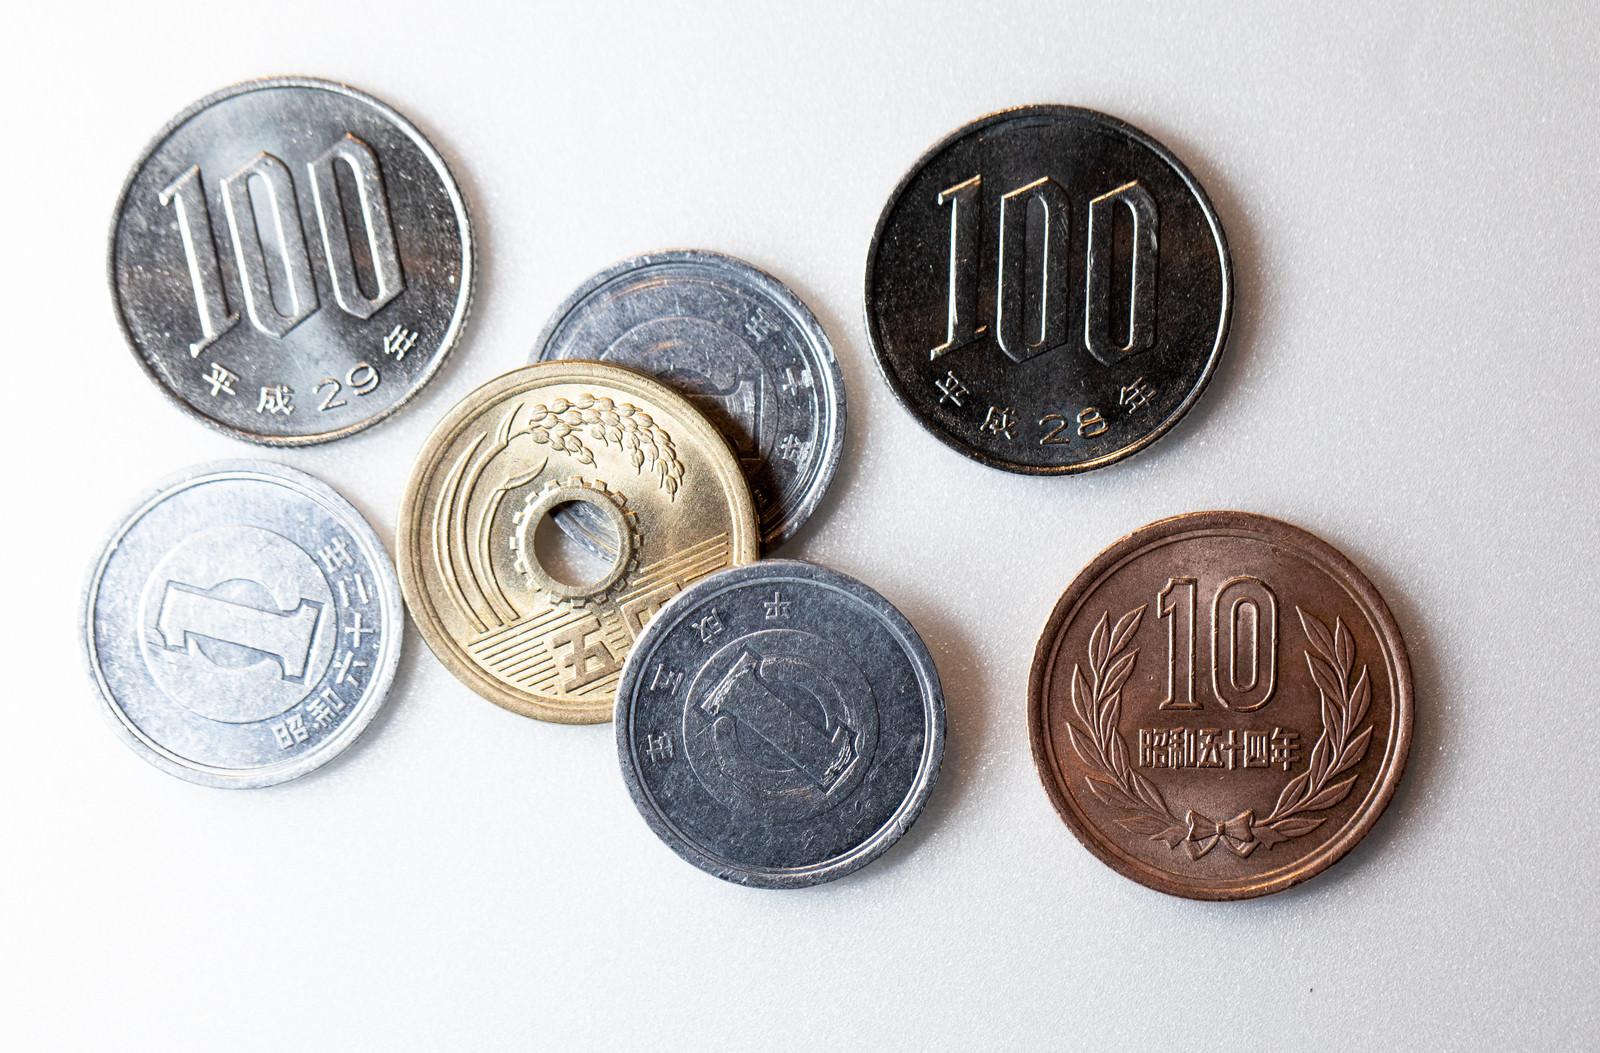 「108円と110円」の写真